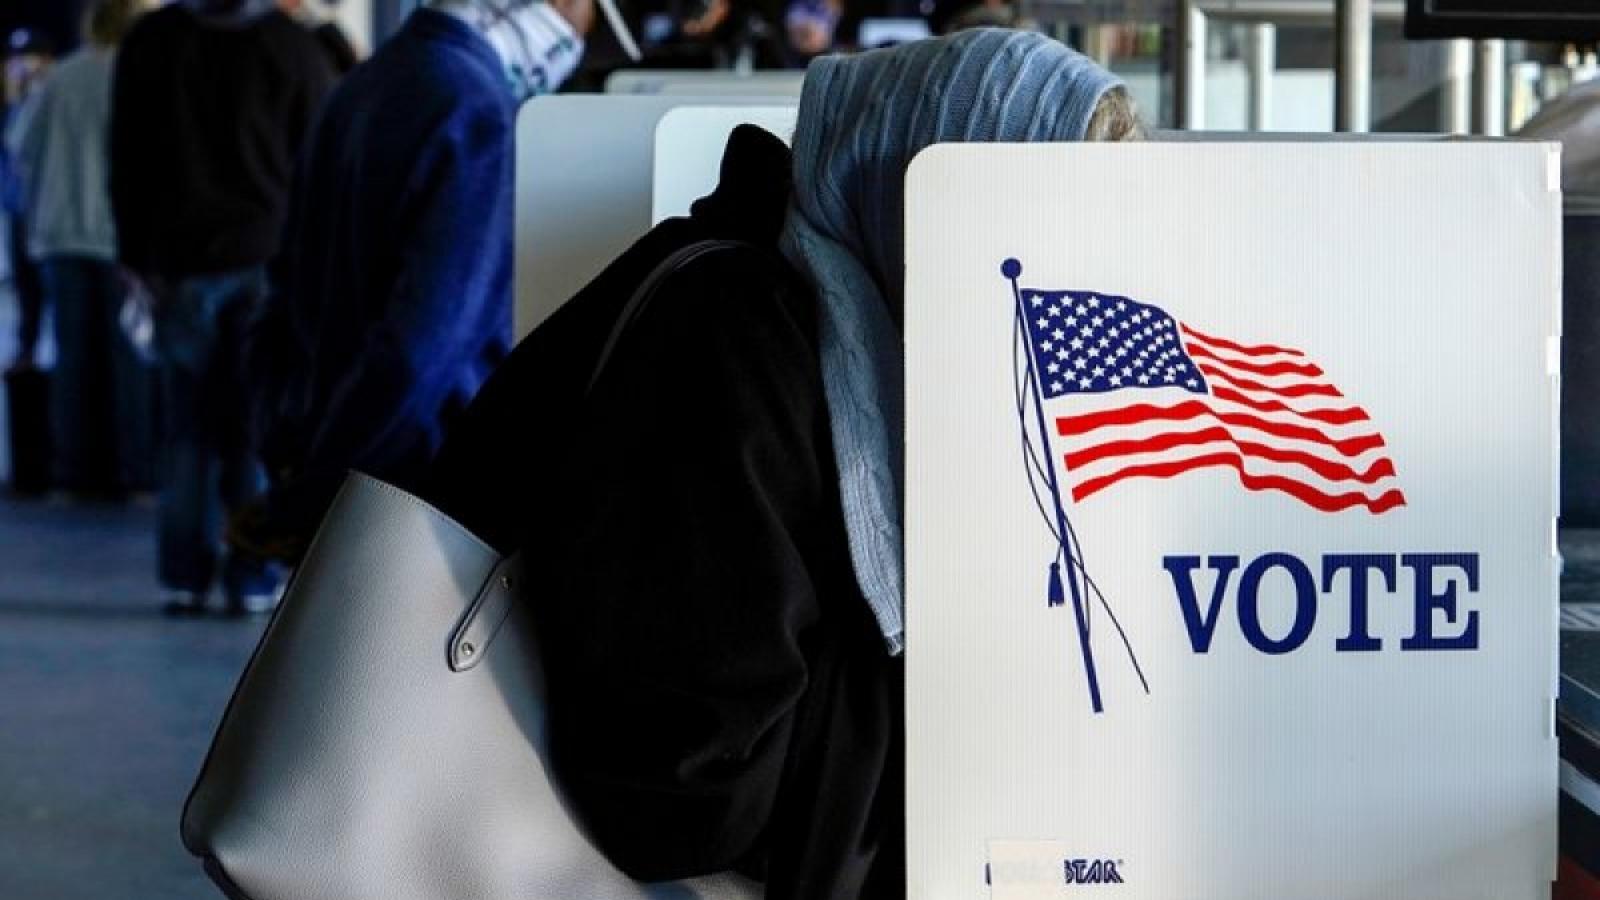 Trung Quốc liệu có trông đợi vào bầu cử Tổng thống Mỹ?